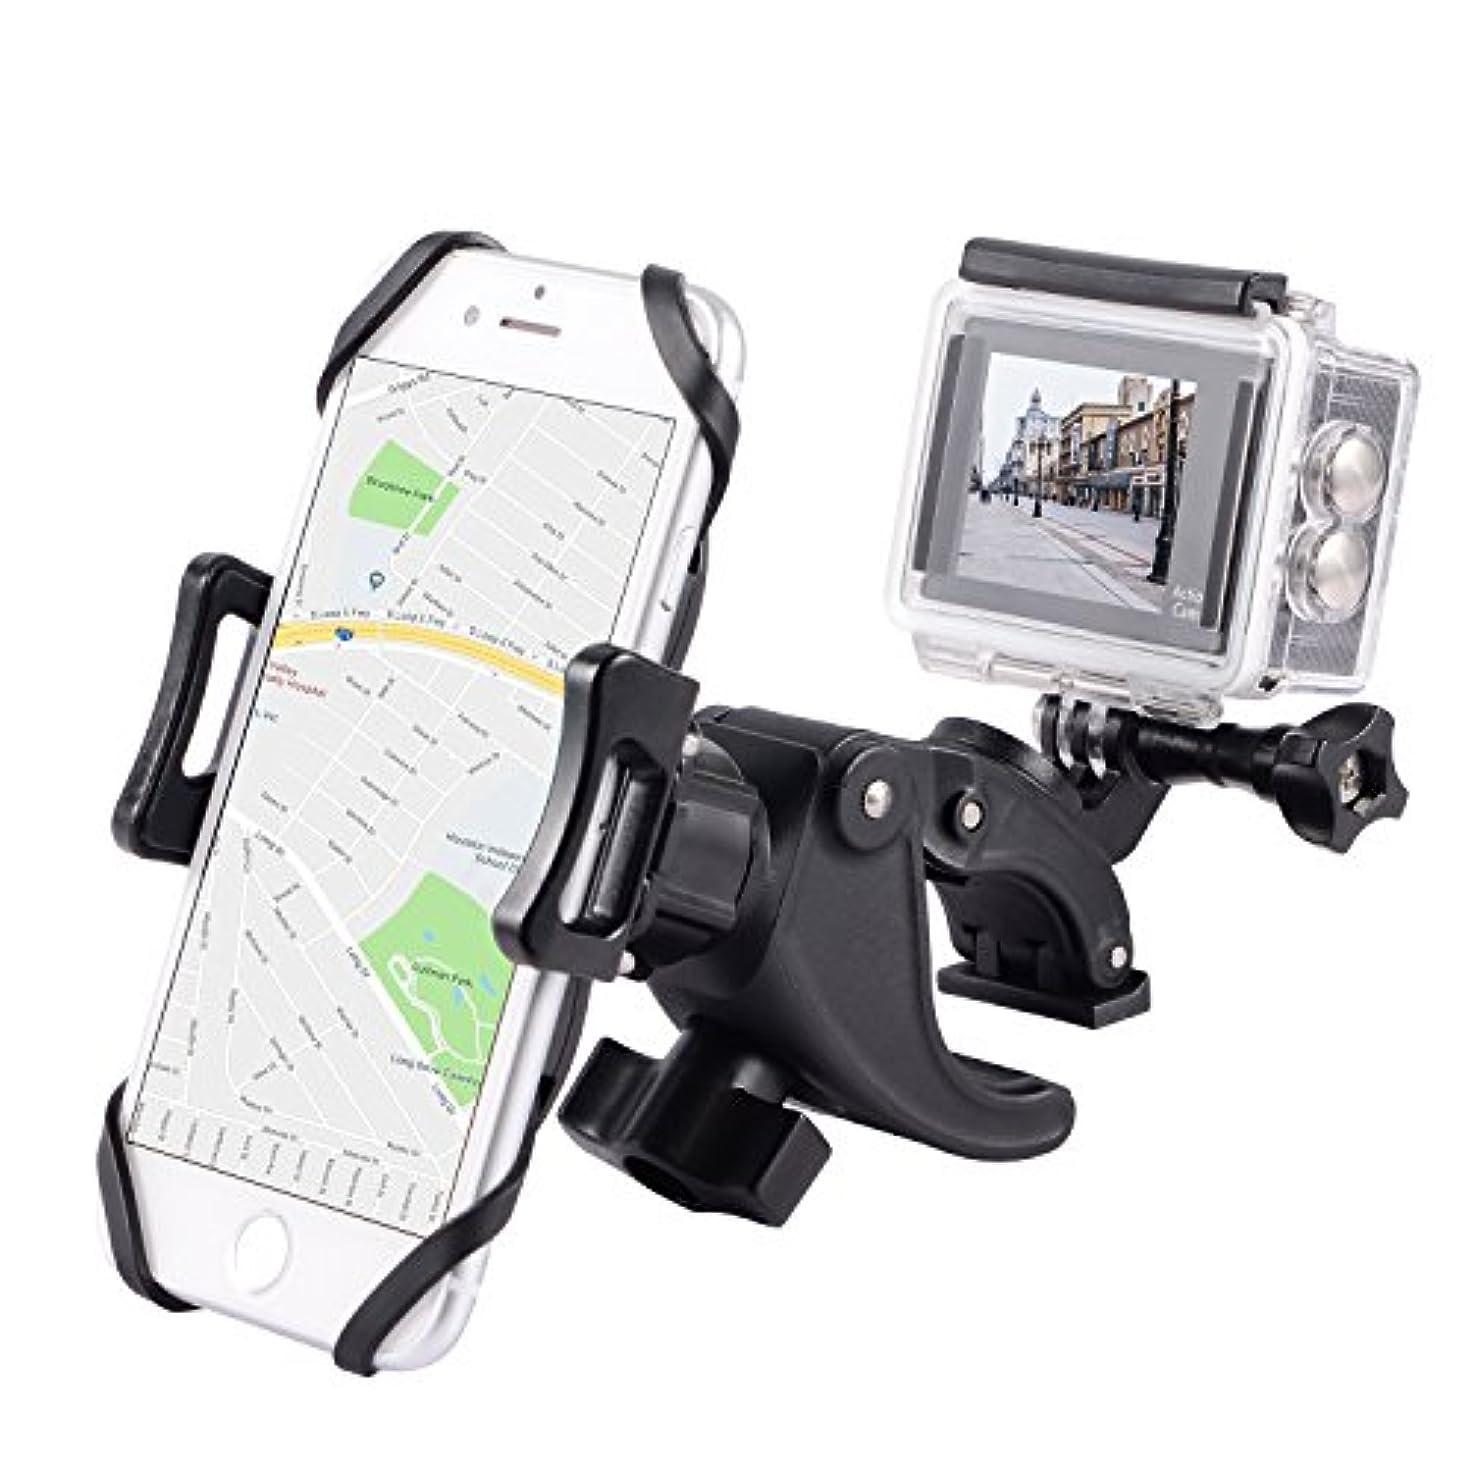 閲覧する訪問振りかけるYELIN 自転車 携帯電話マウント オートバイ 電話ホルダー バイク カメラマウント 2 in 1 自転車ホルダー ハンドルバー クランプ Gopro アクションカム iPhone X 8 7 7 Plus 7s 6s Samsung Phone用